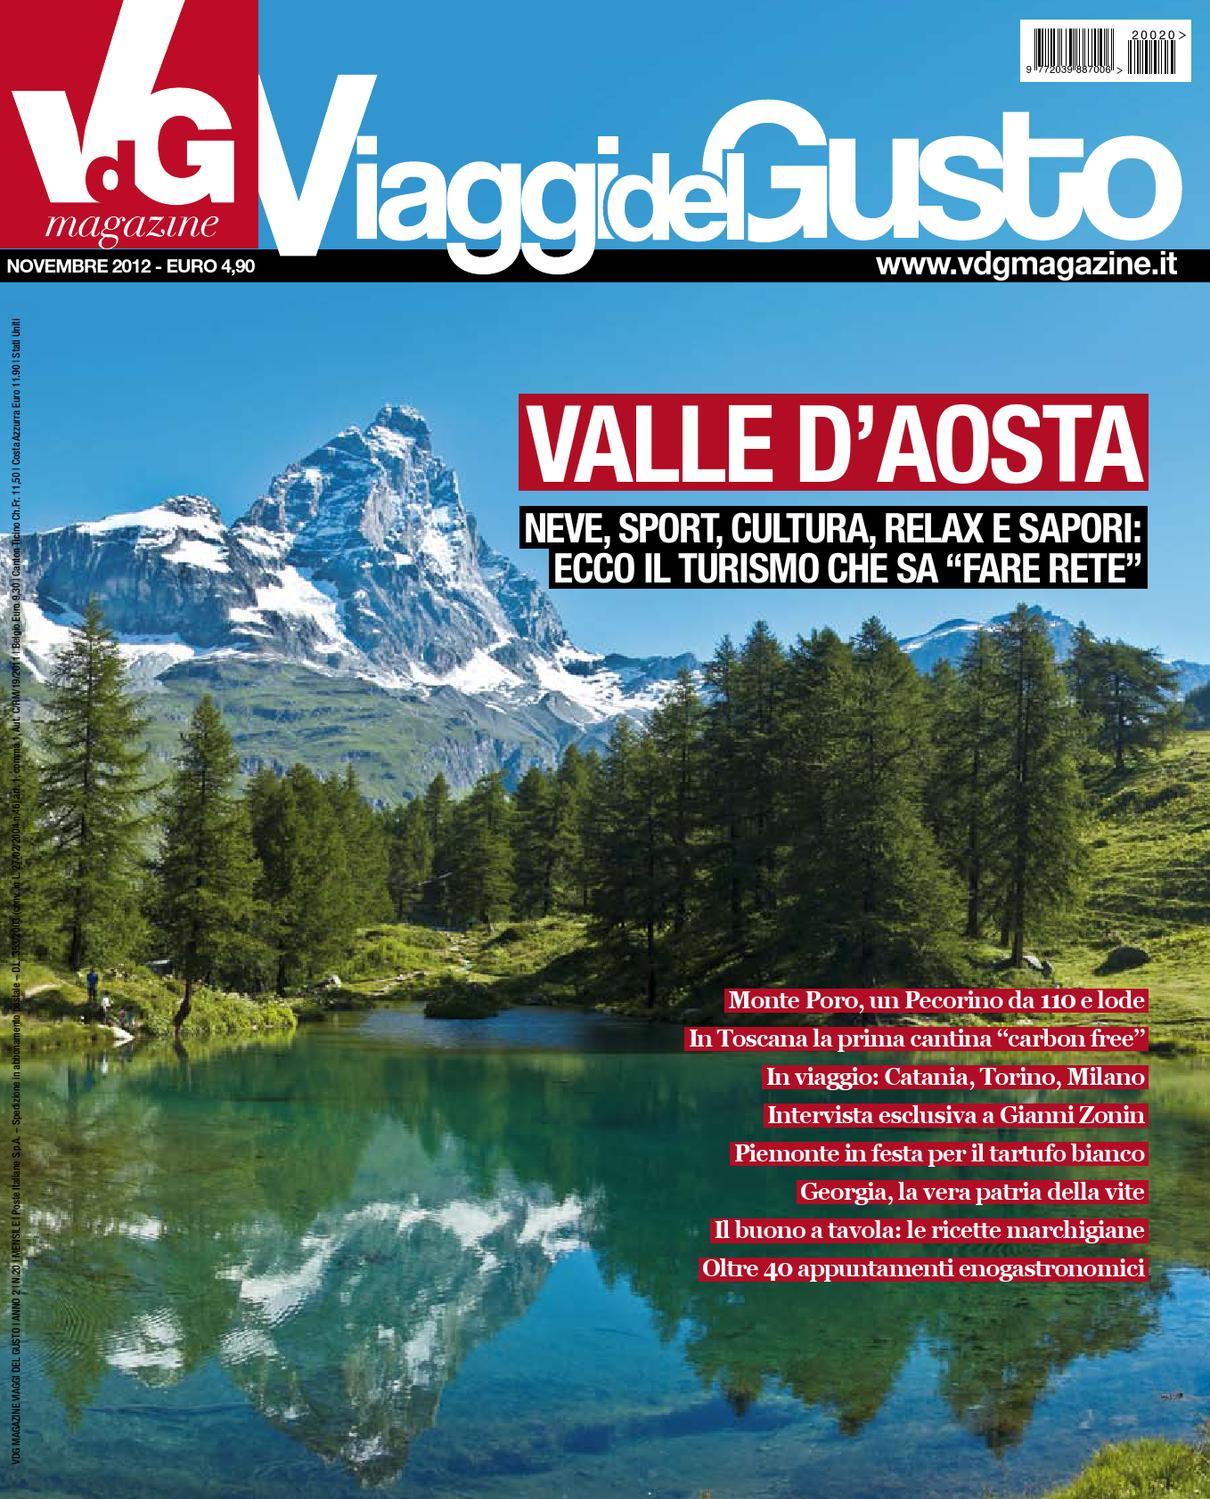 VdG Magzine Viaggi del Gusto Novembre 2012 by vdgmagazine - issuu 27a8b3d4f1d2